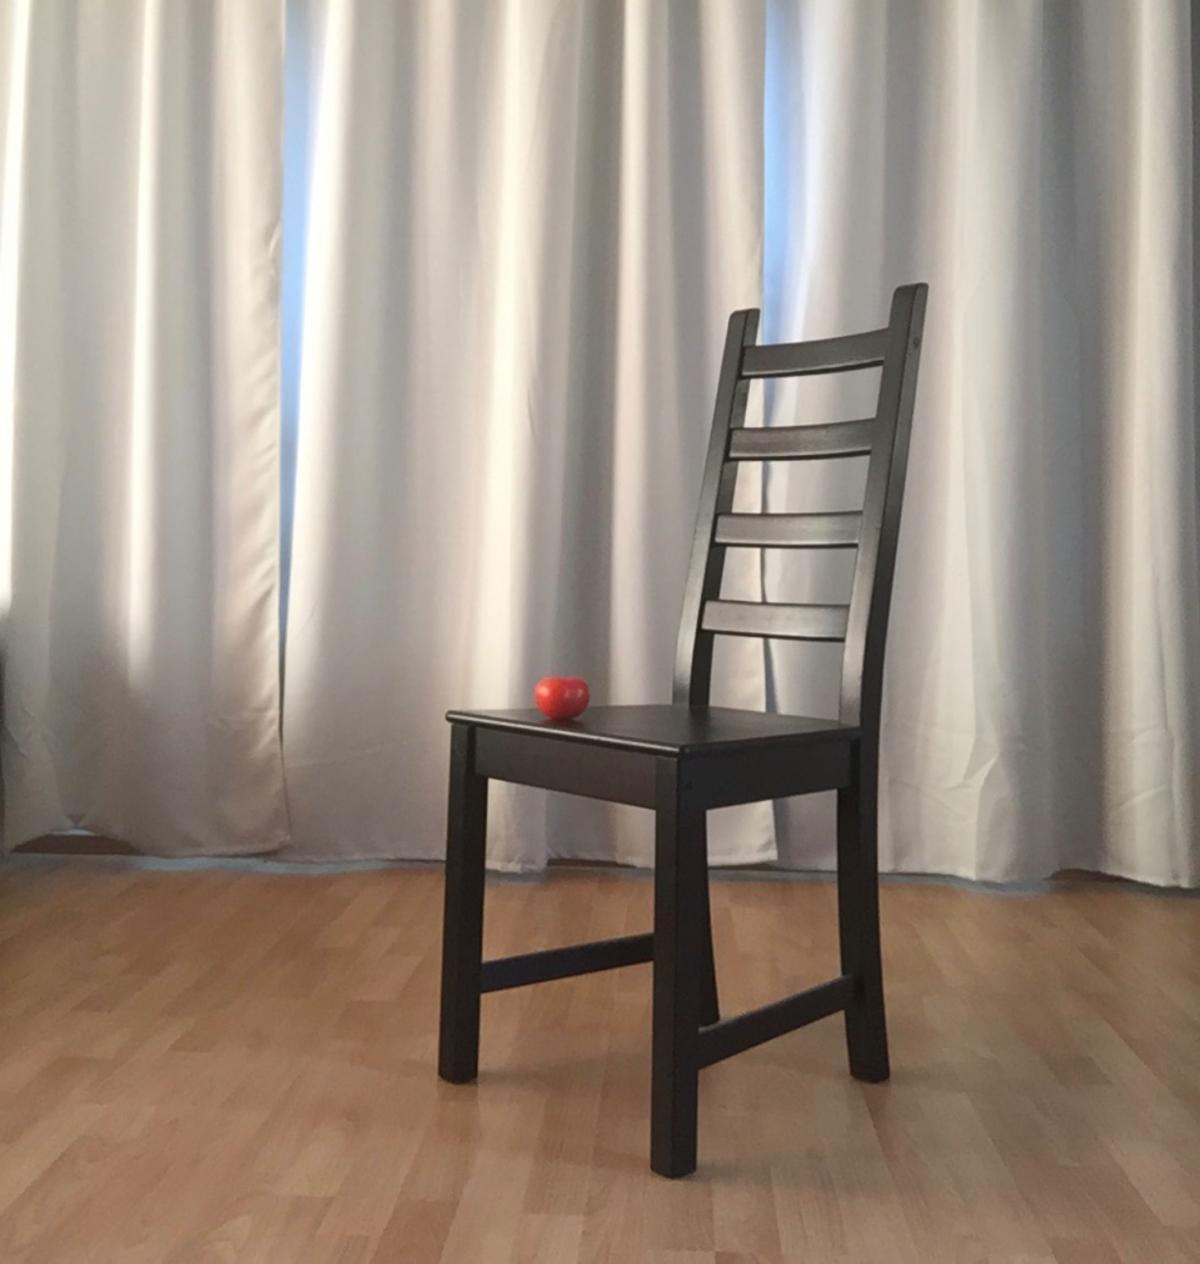 Tuoli harmaan verhon edessä, tuolilla tomaatti